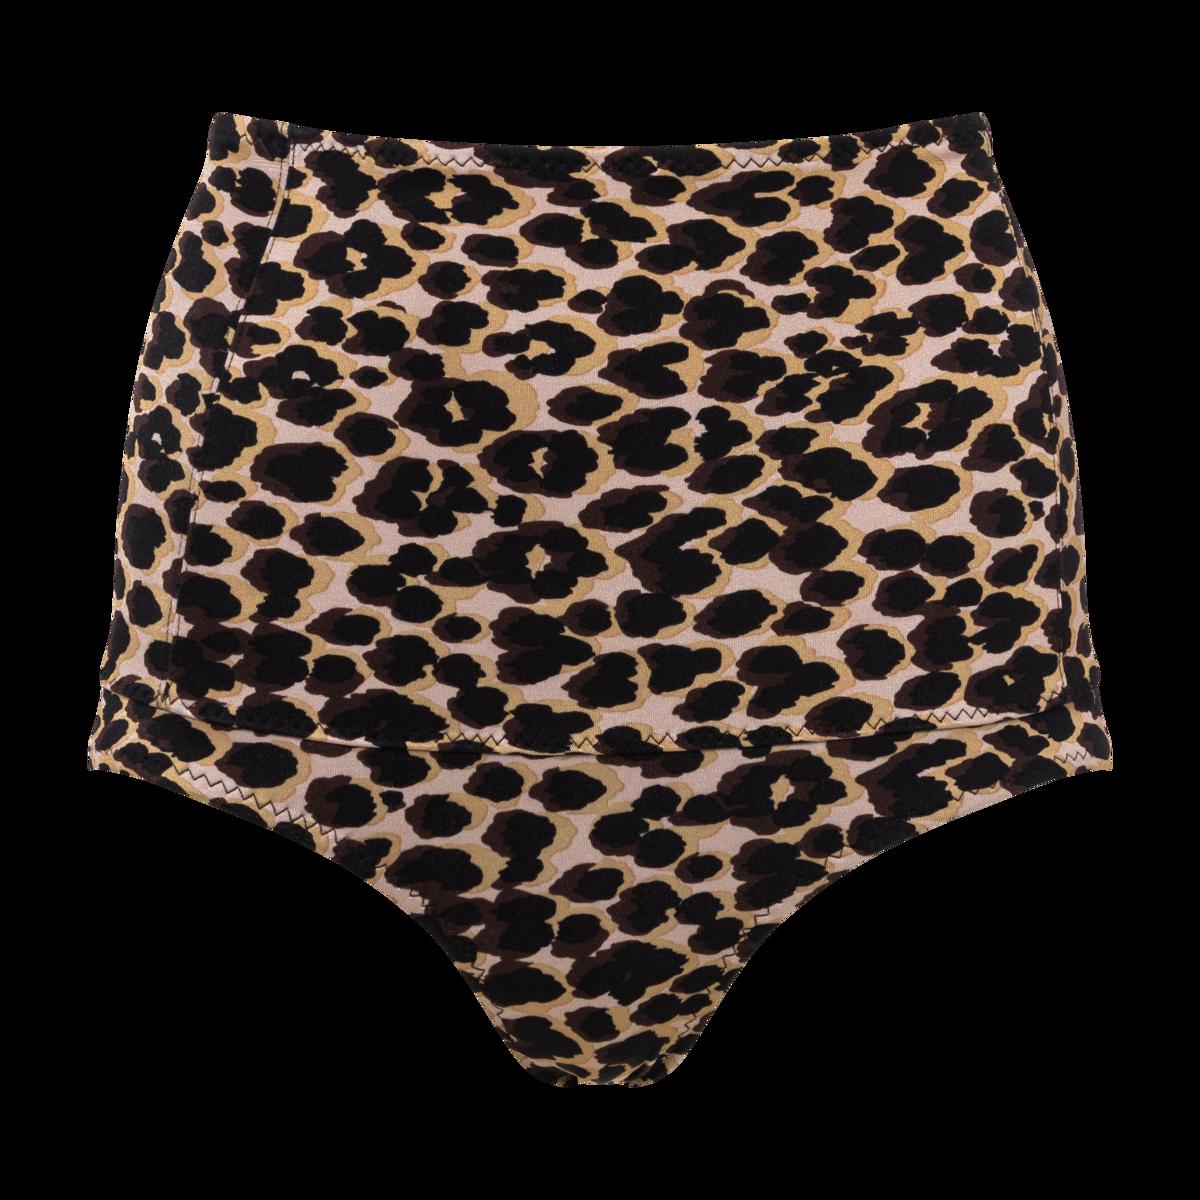 Swimwear bottoms product image